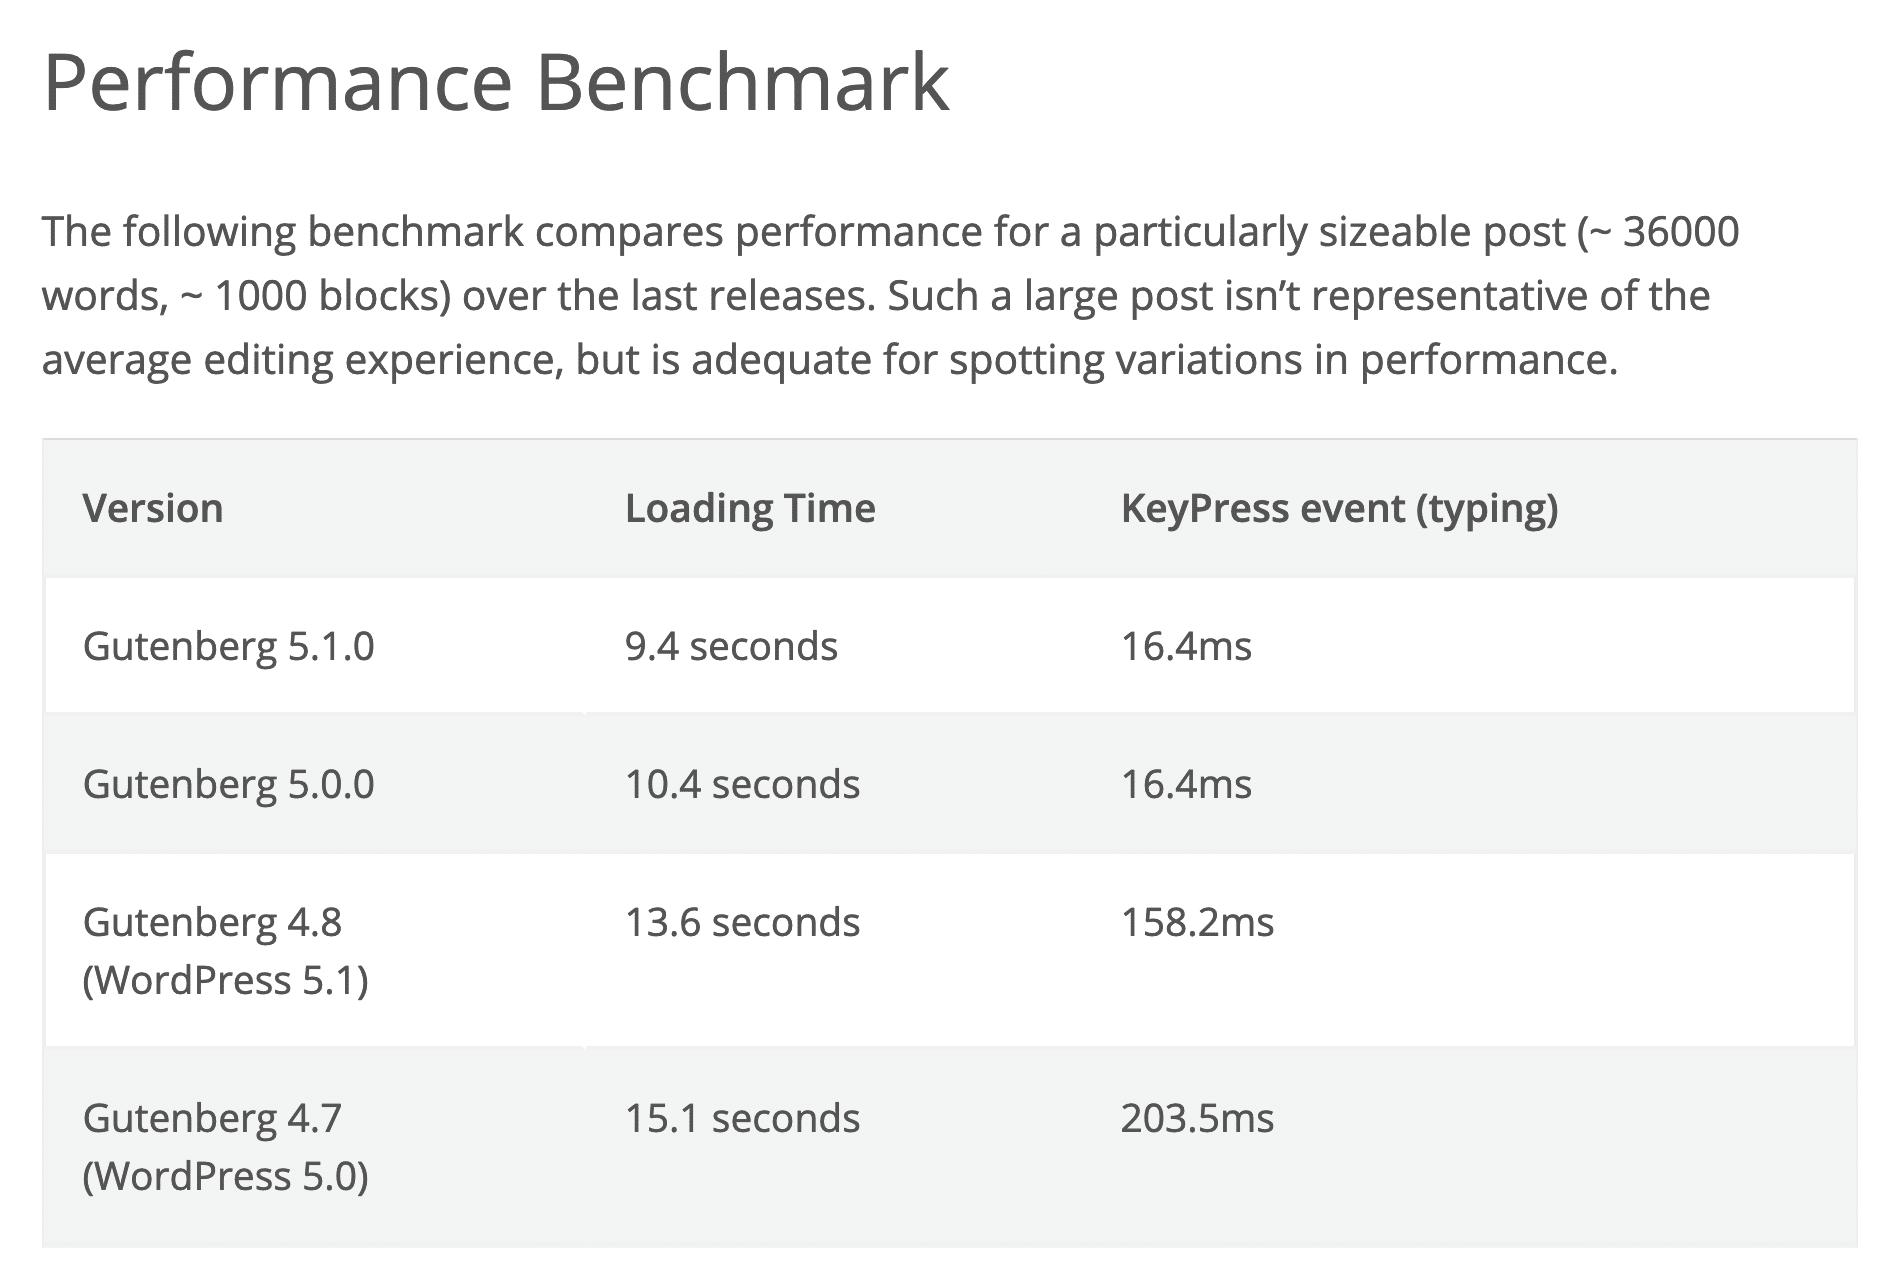 Benchmarks de performance Gutenberg pour différentes versions